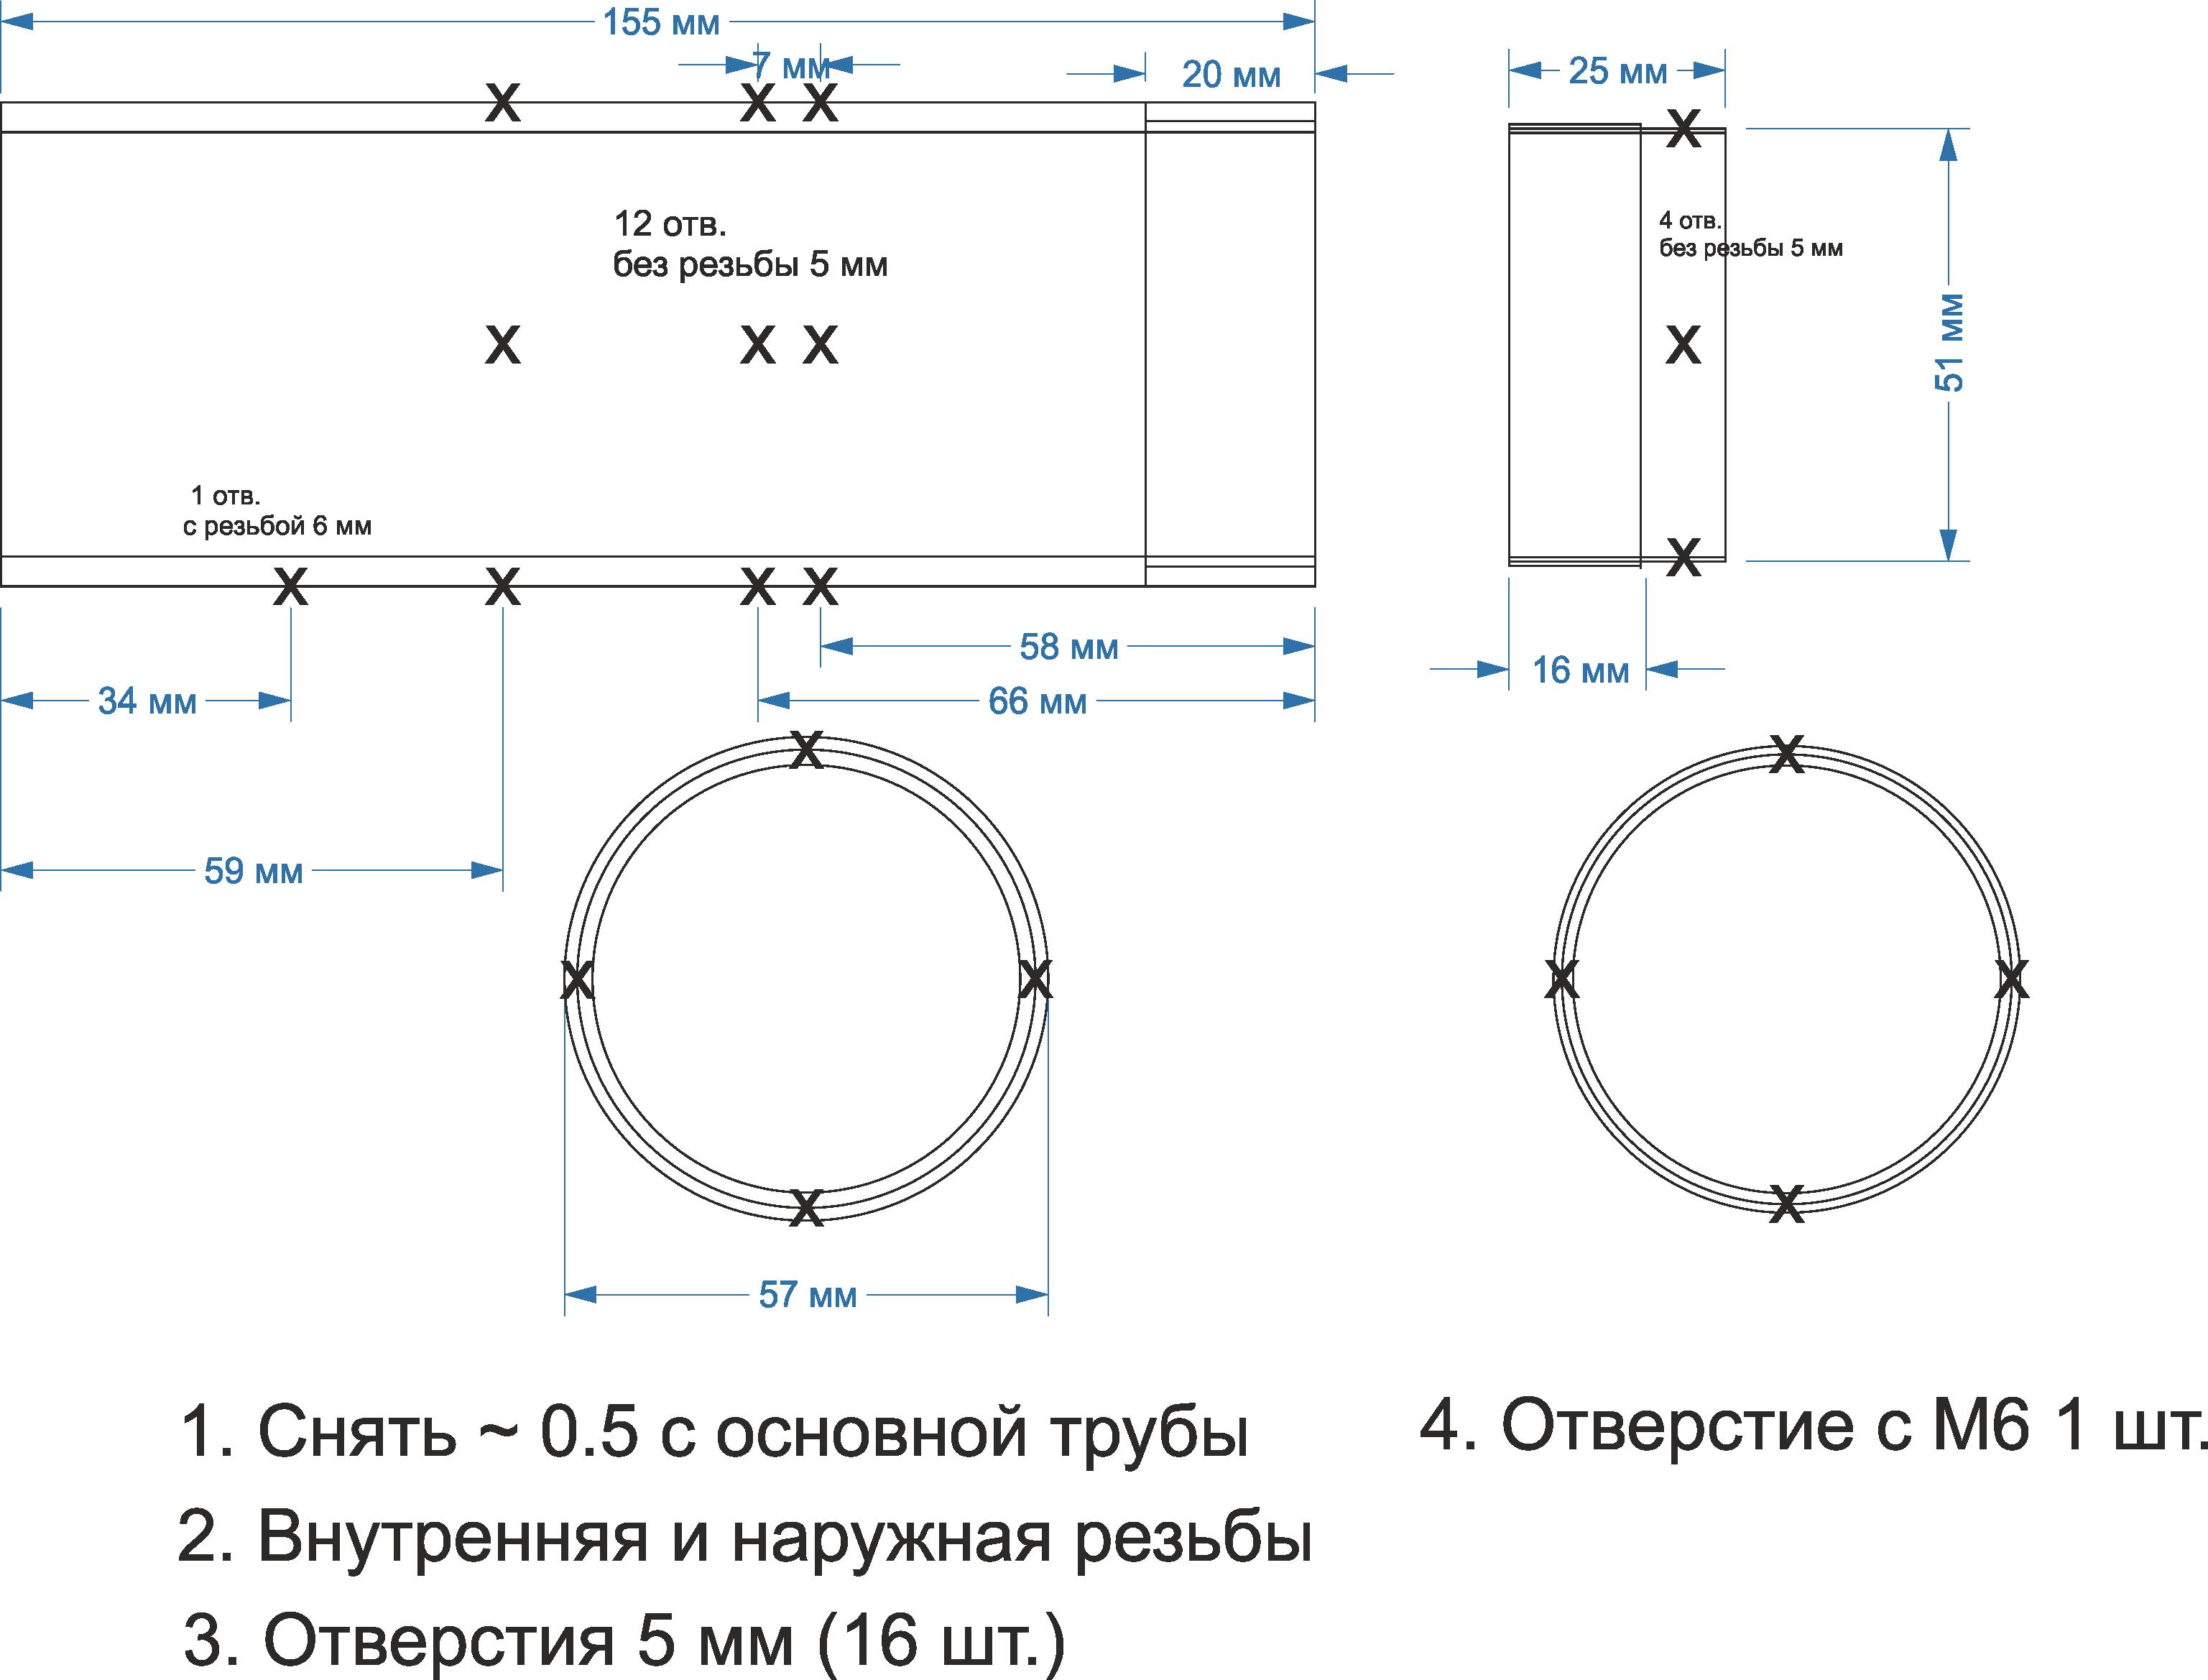 Как сделать проектор своими руками на www.mozgochiny.ru 013